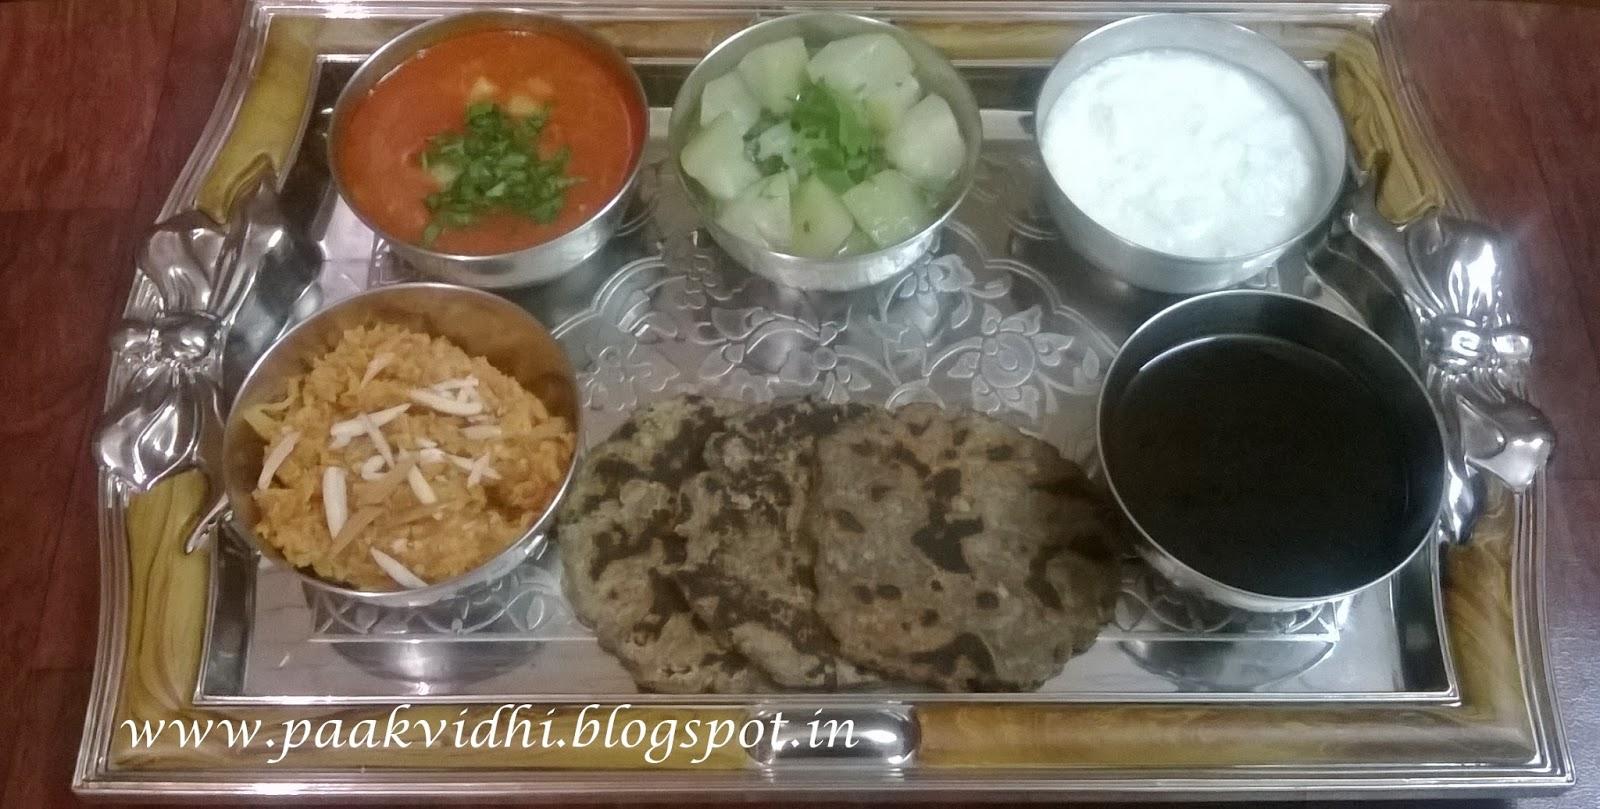 http://paakvidhi.blogspot.in/2014/02/kuttu-ki-rotisinghare-ke-aate-ki-roti.html